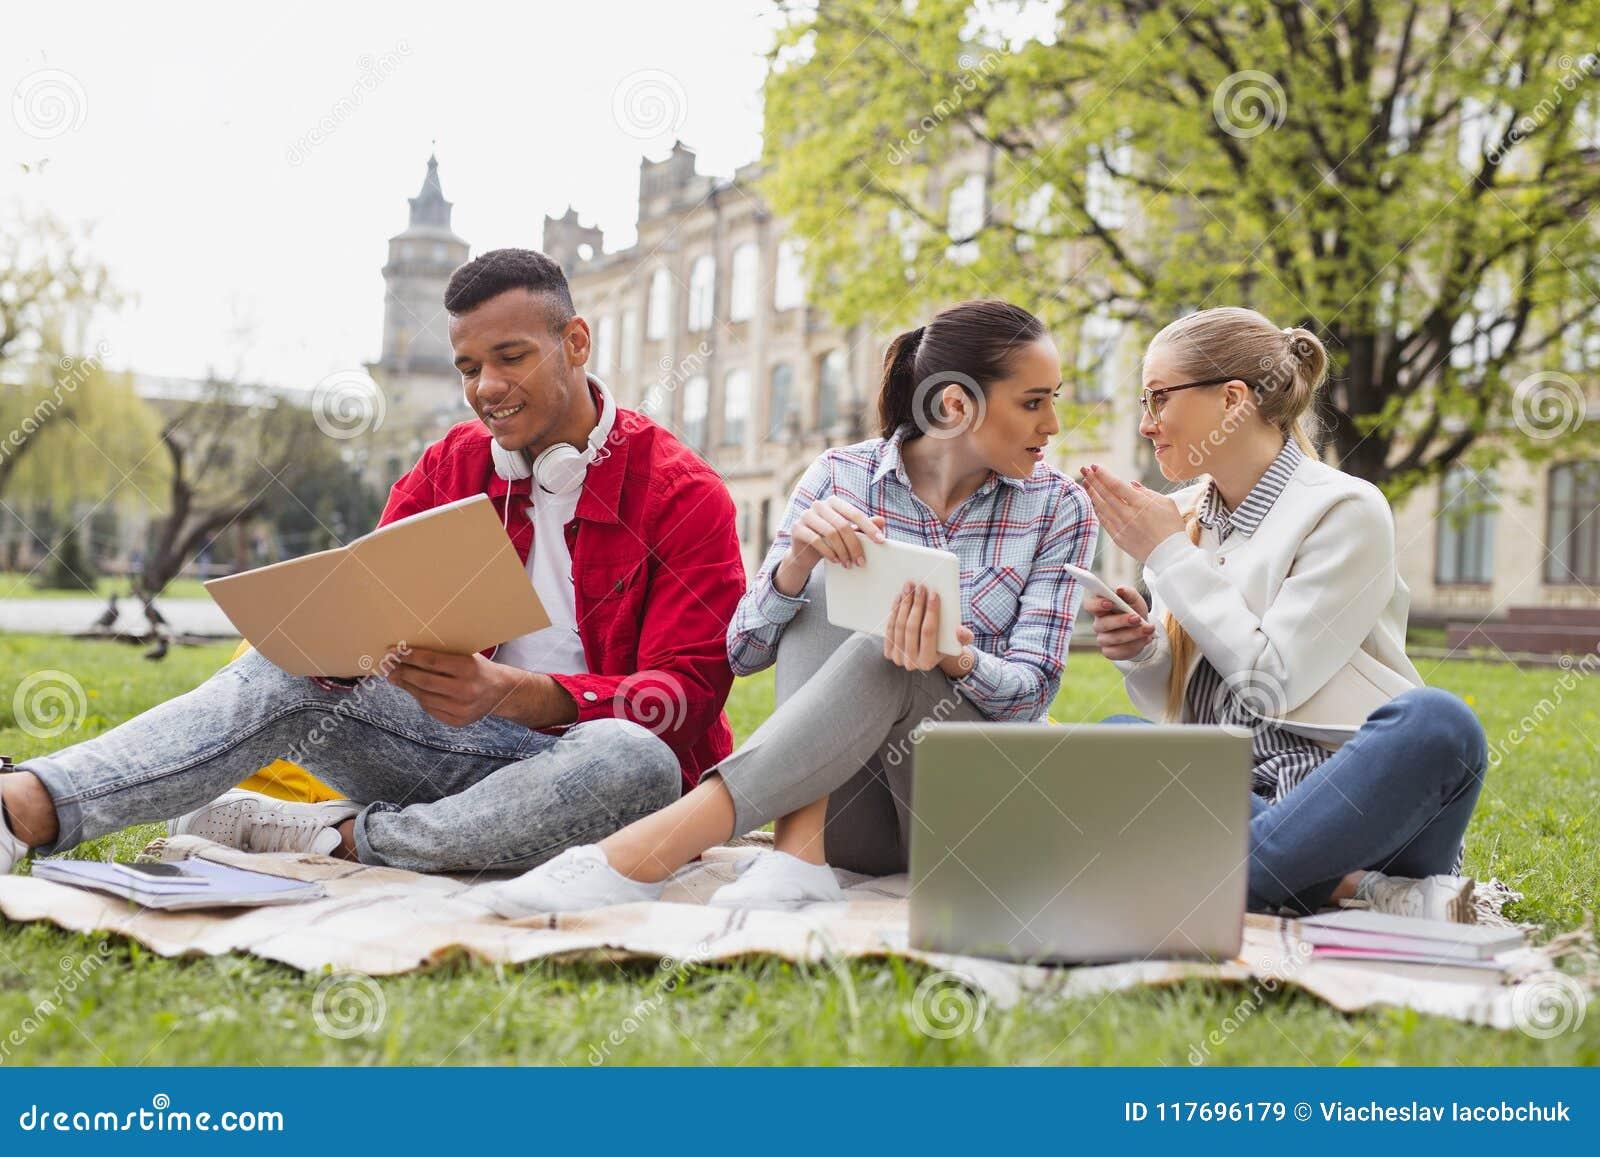 Σπουδαστές ανταλλαγής που κουβεντιάζουν ο ένας με τον άλλον ελεύθερος χρόνος εξόδων από κοινού